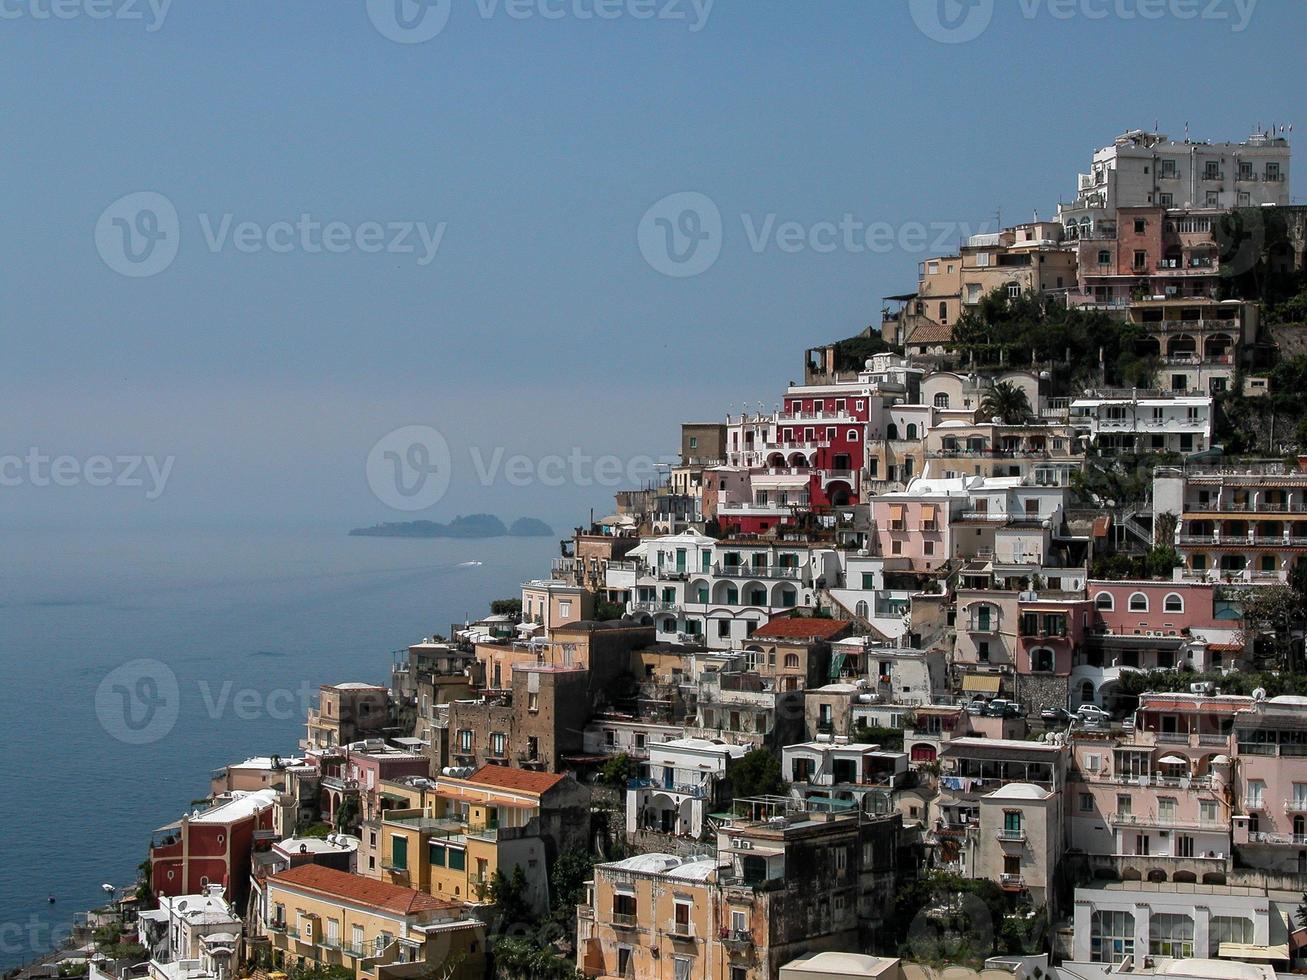 positano - bild av tätt packade hus mot havet. foto